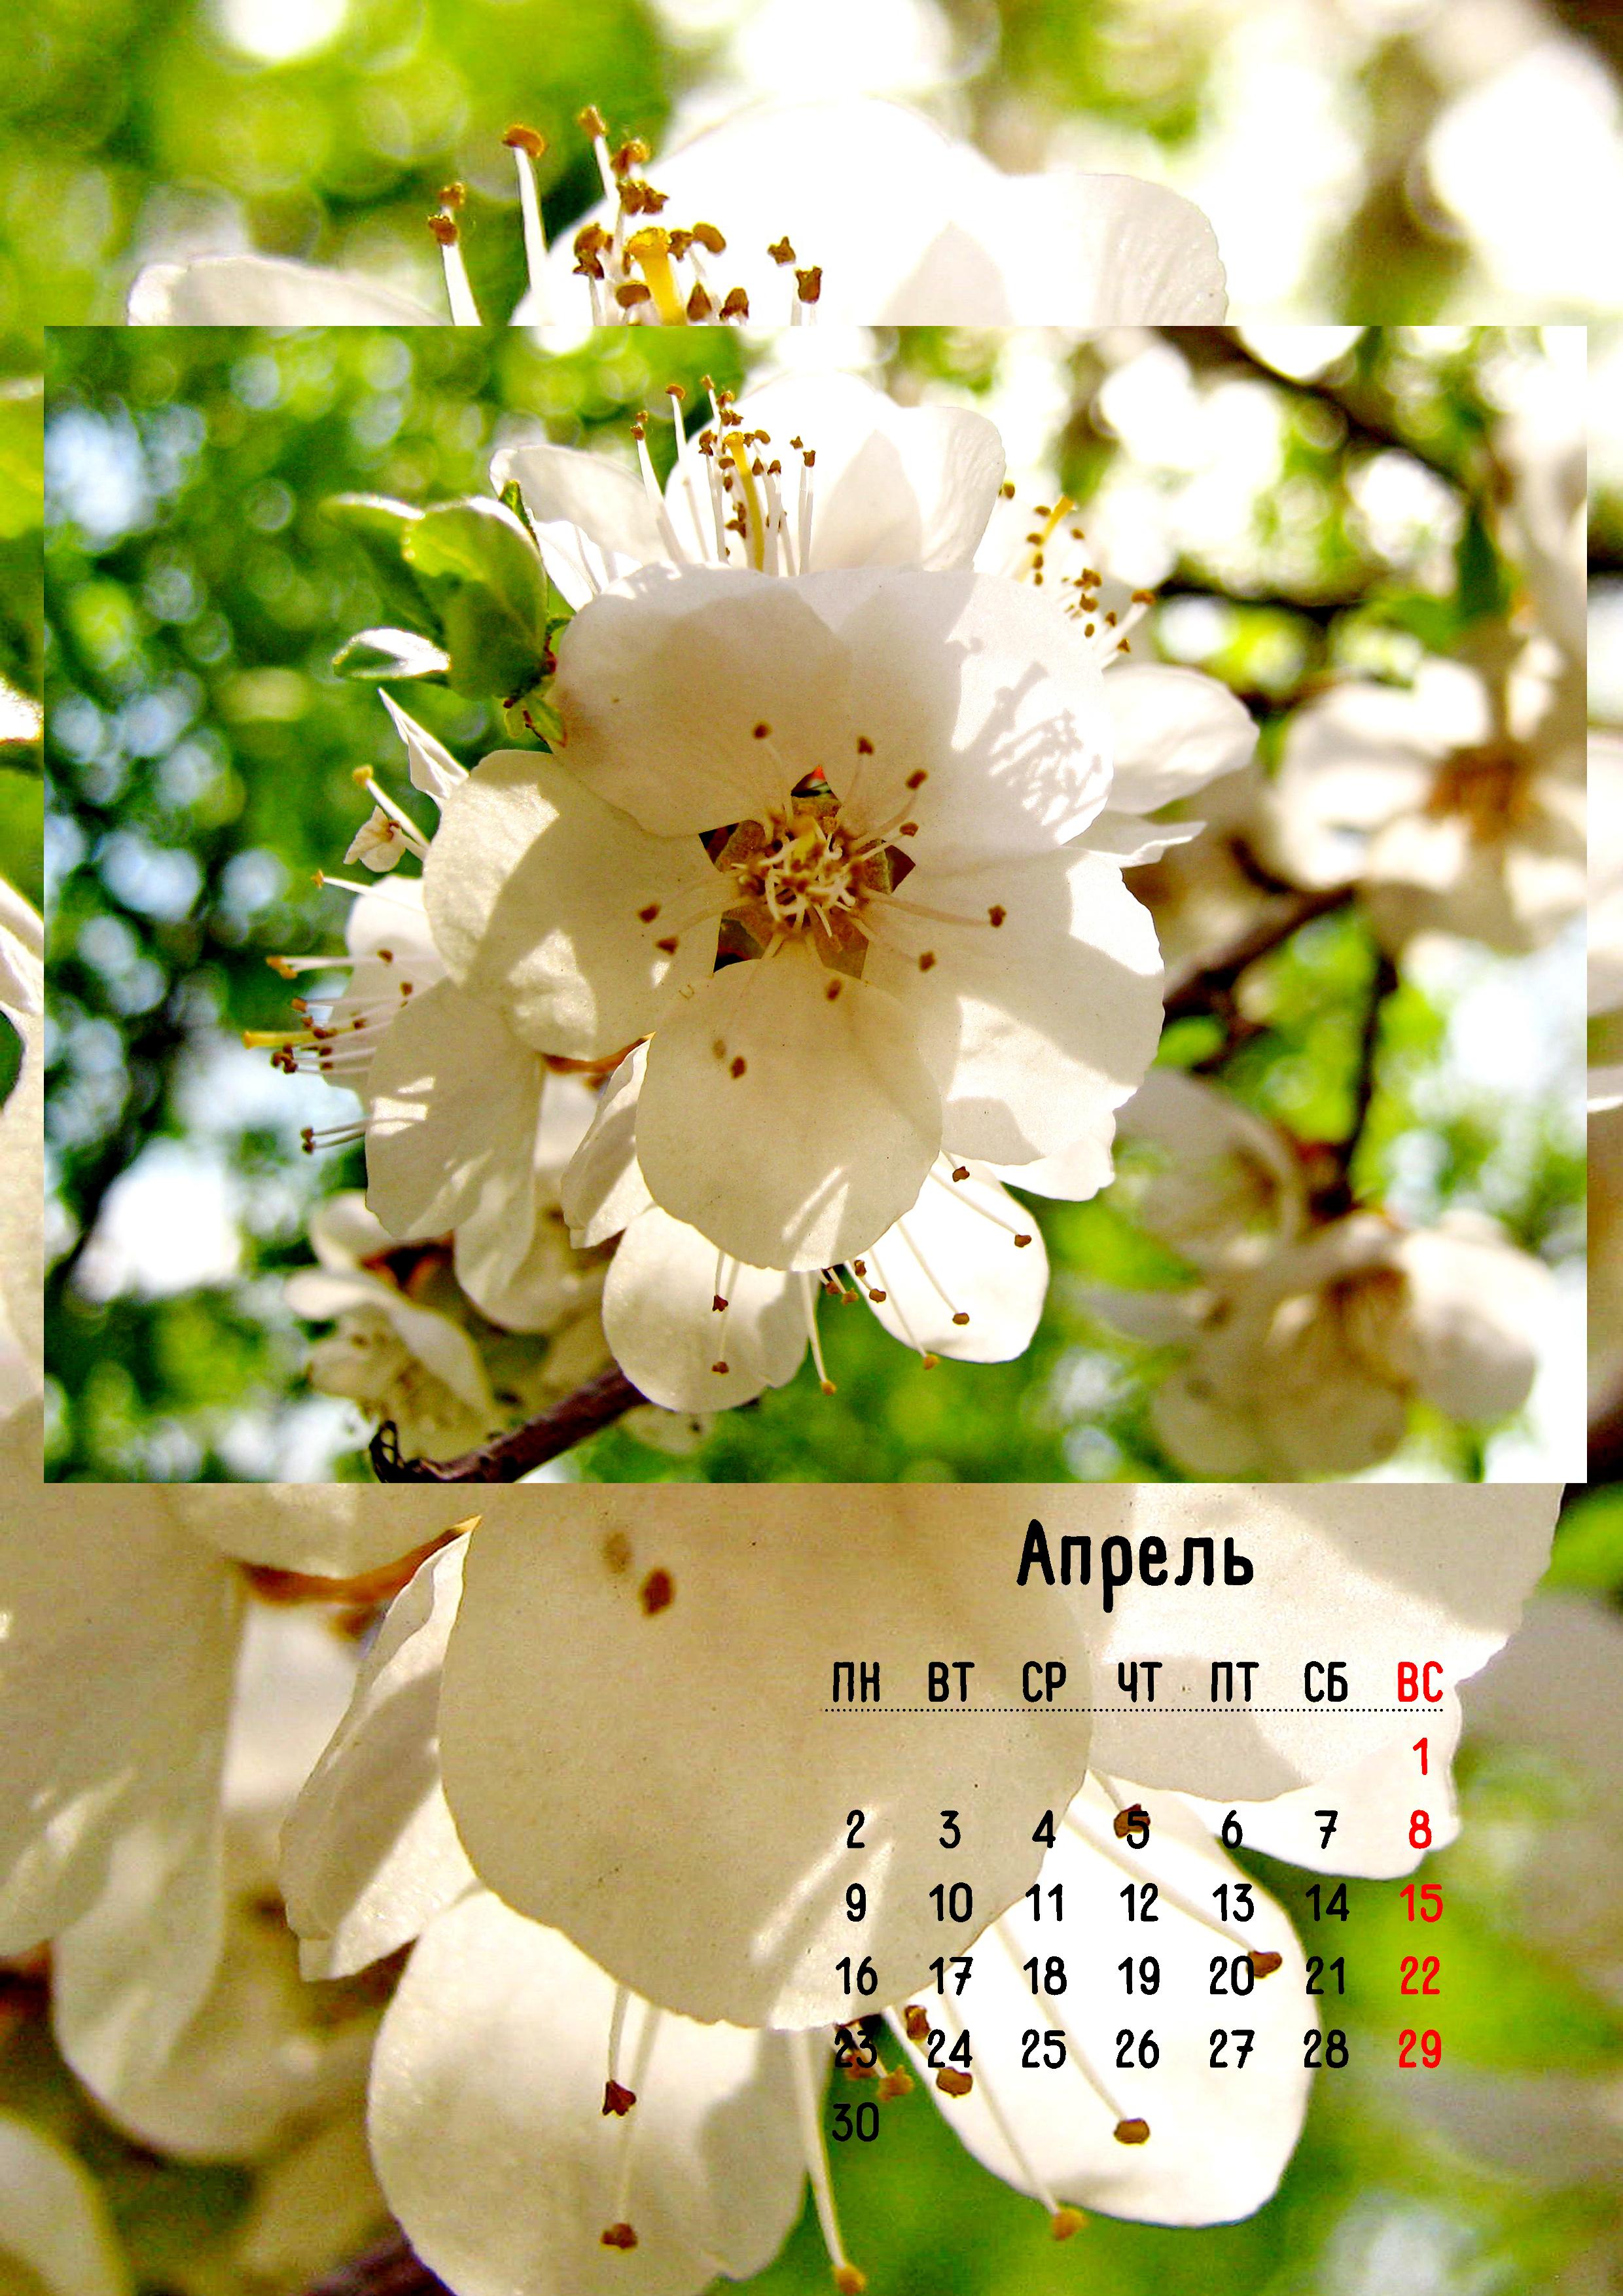 5. Календарь апрель.jpg